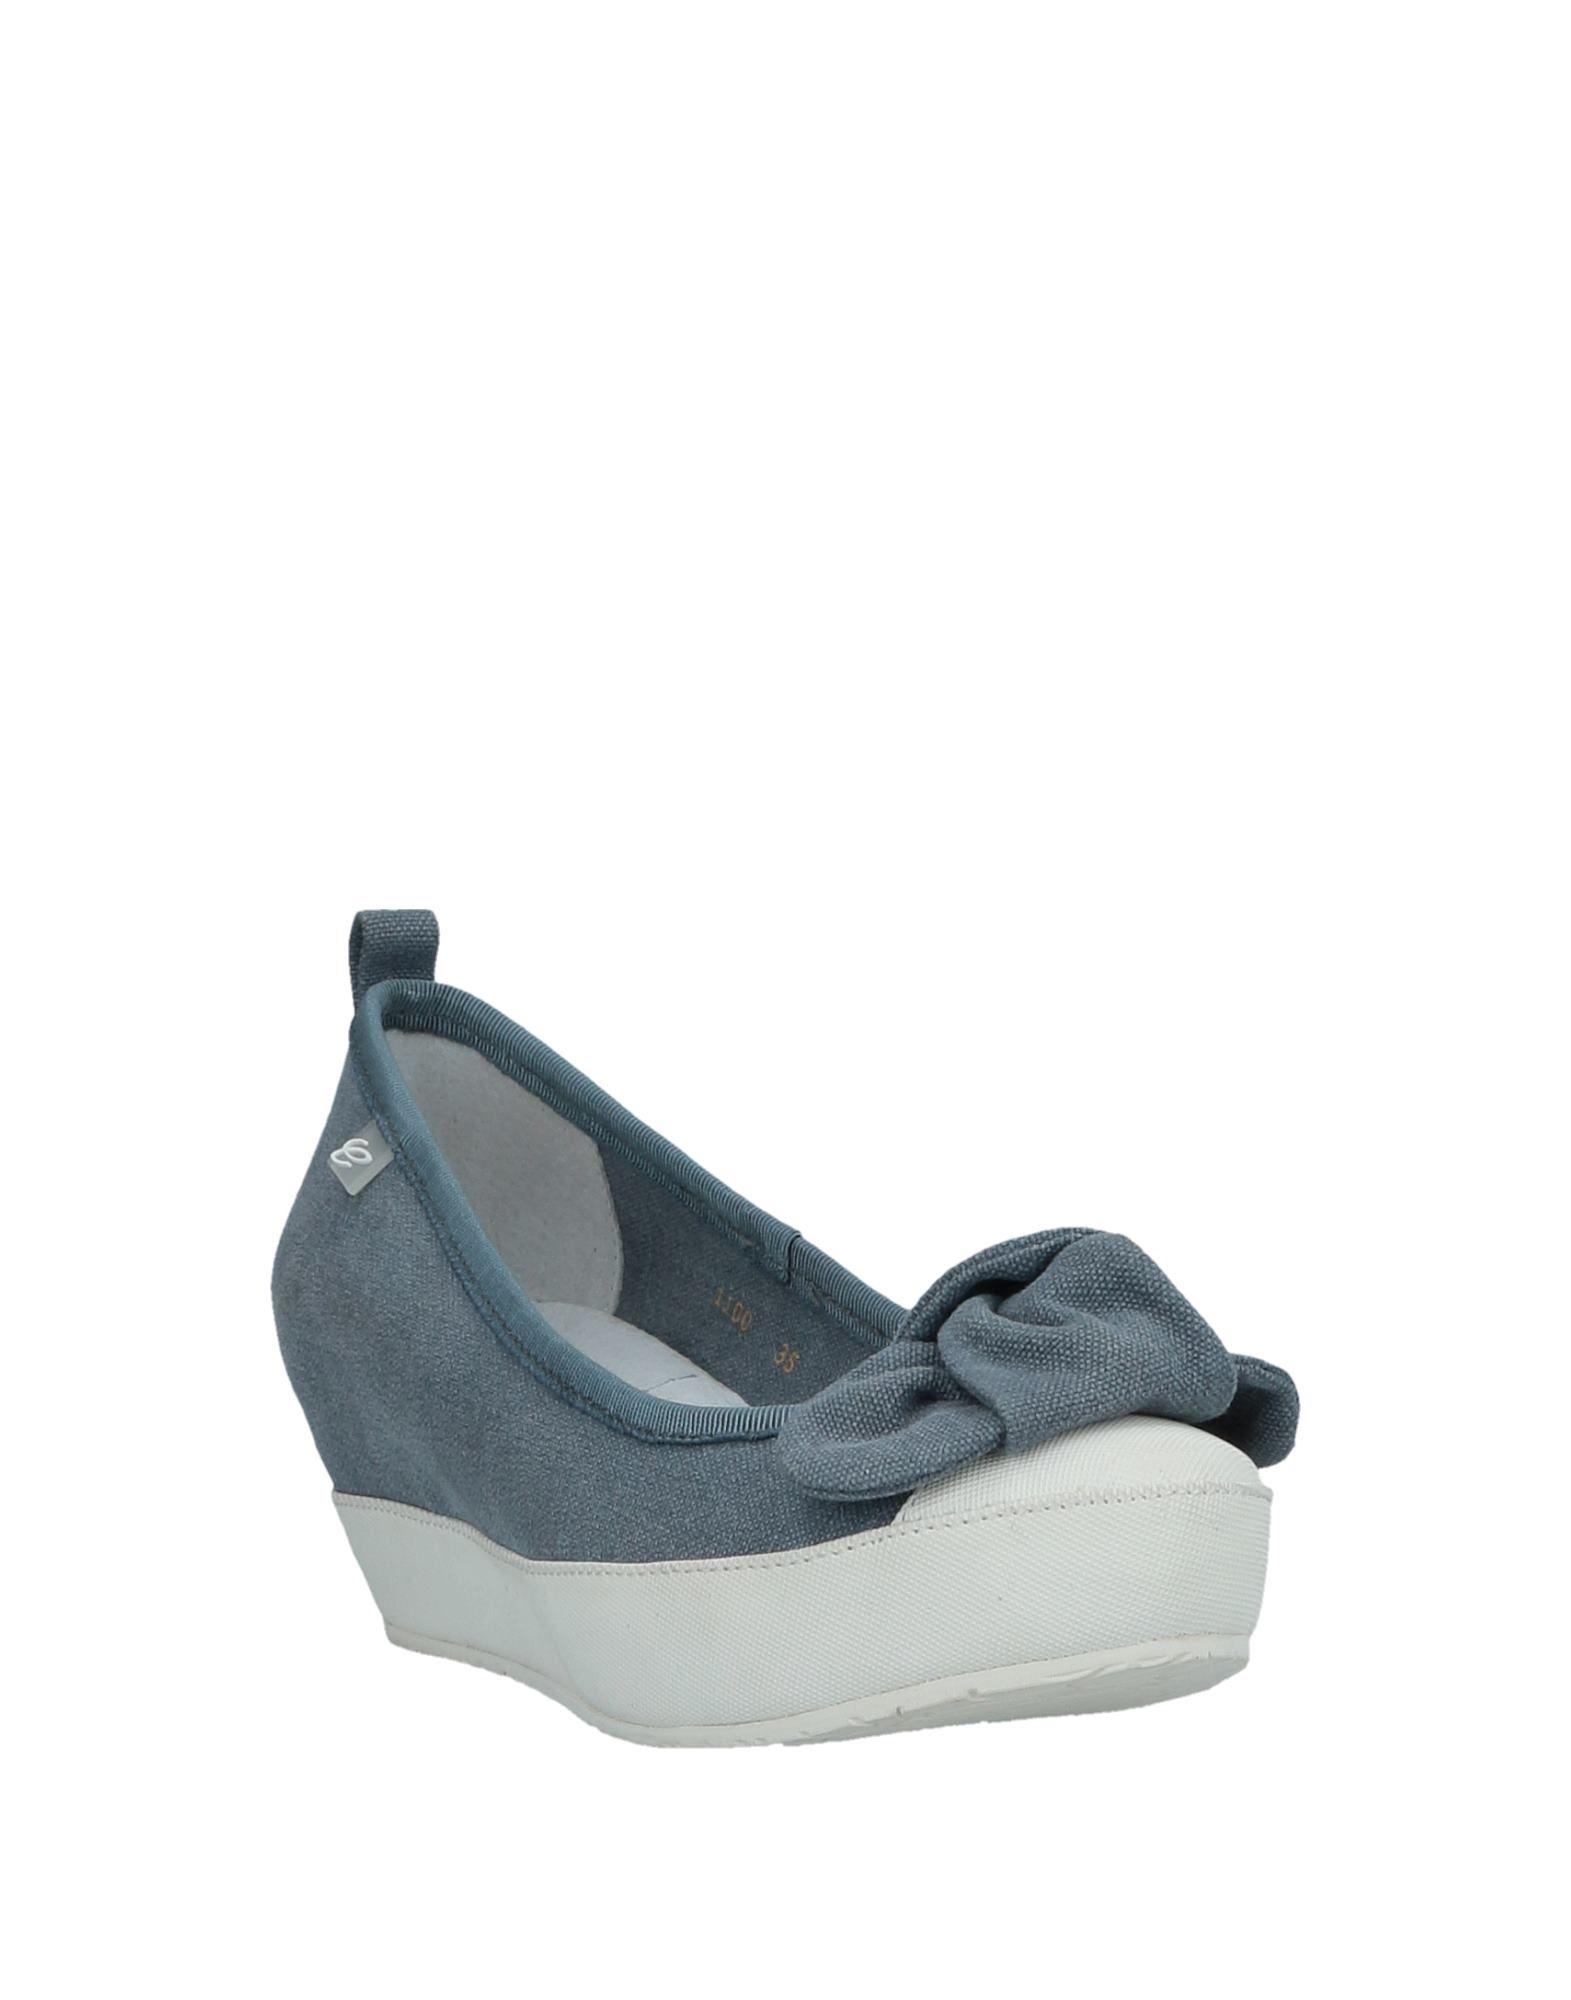 Logan Crossing Gute Pumps Damen  11521168OB Gute Crossing Qualität beliebte Schuhe 72e0d4